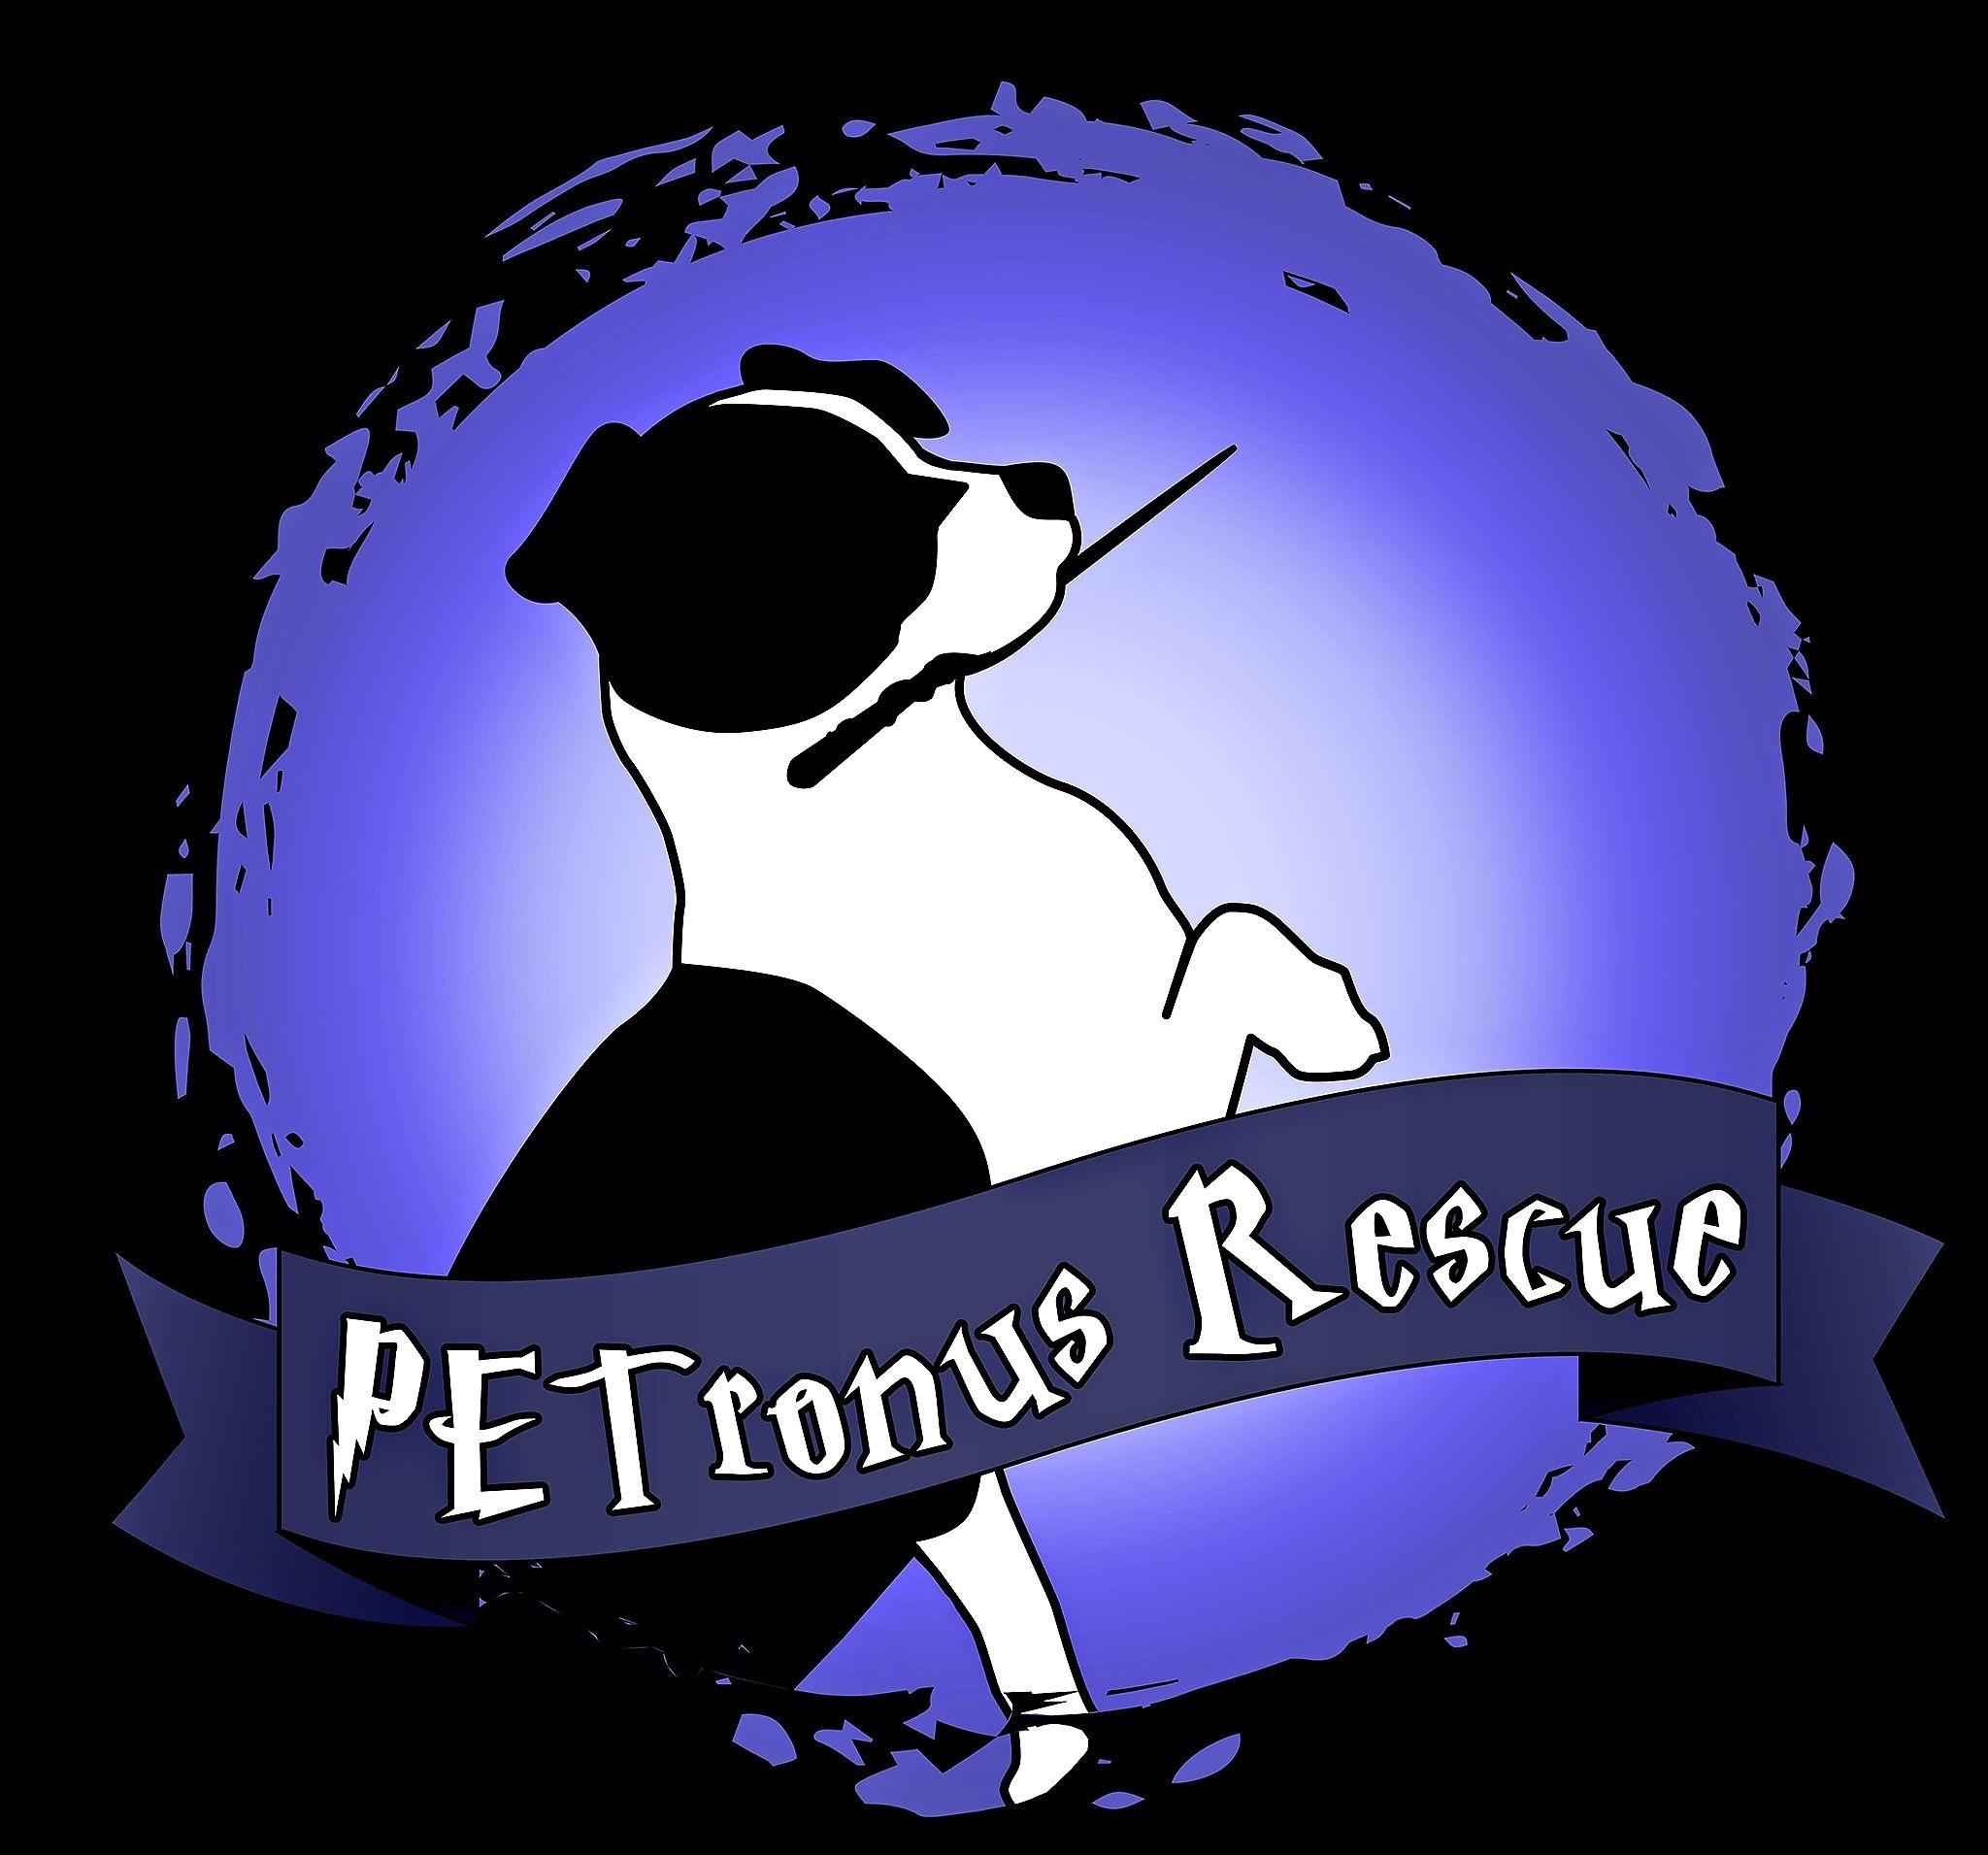 PETronus Rescue